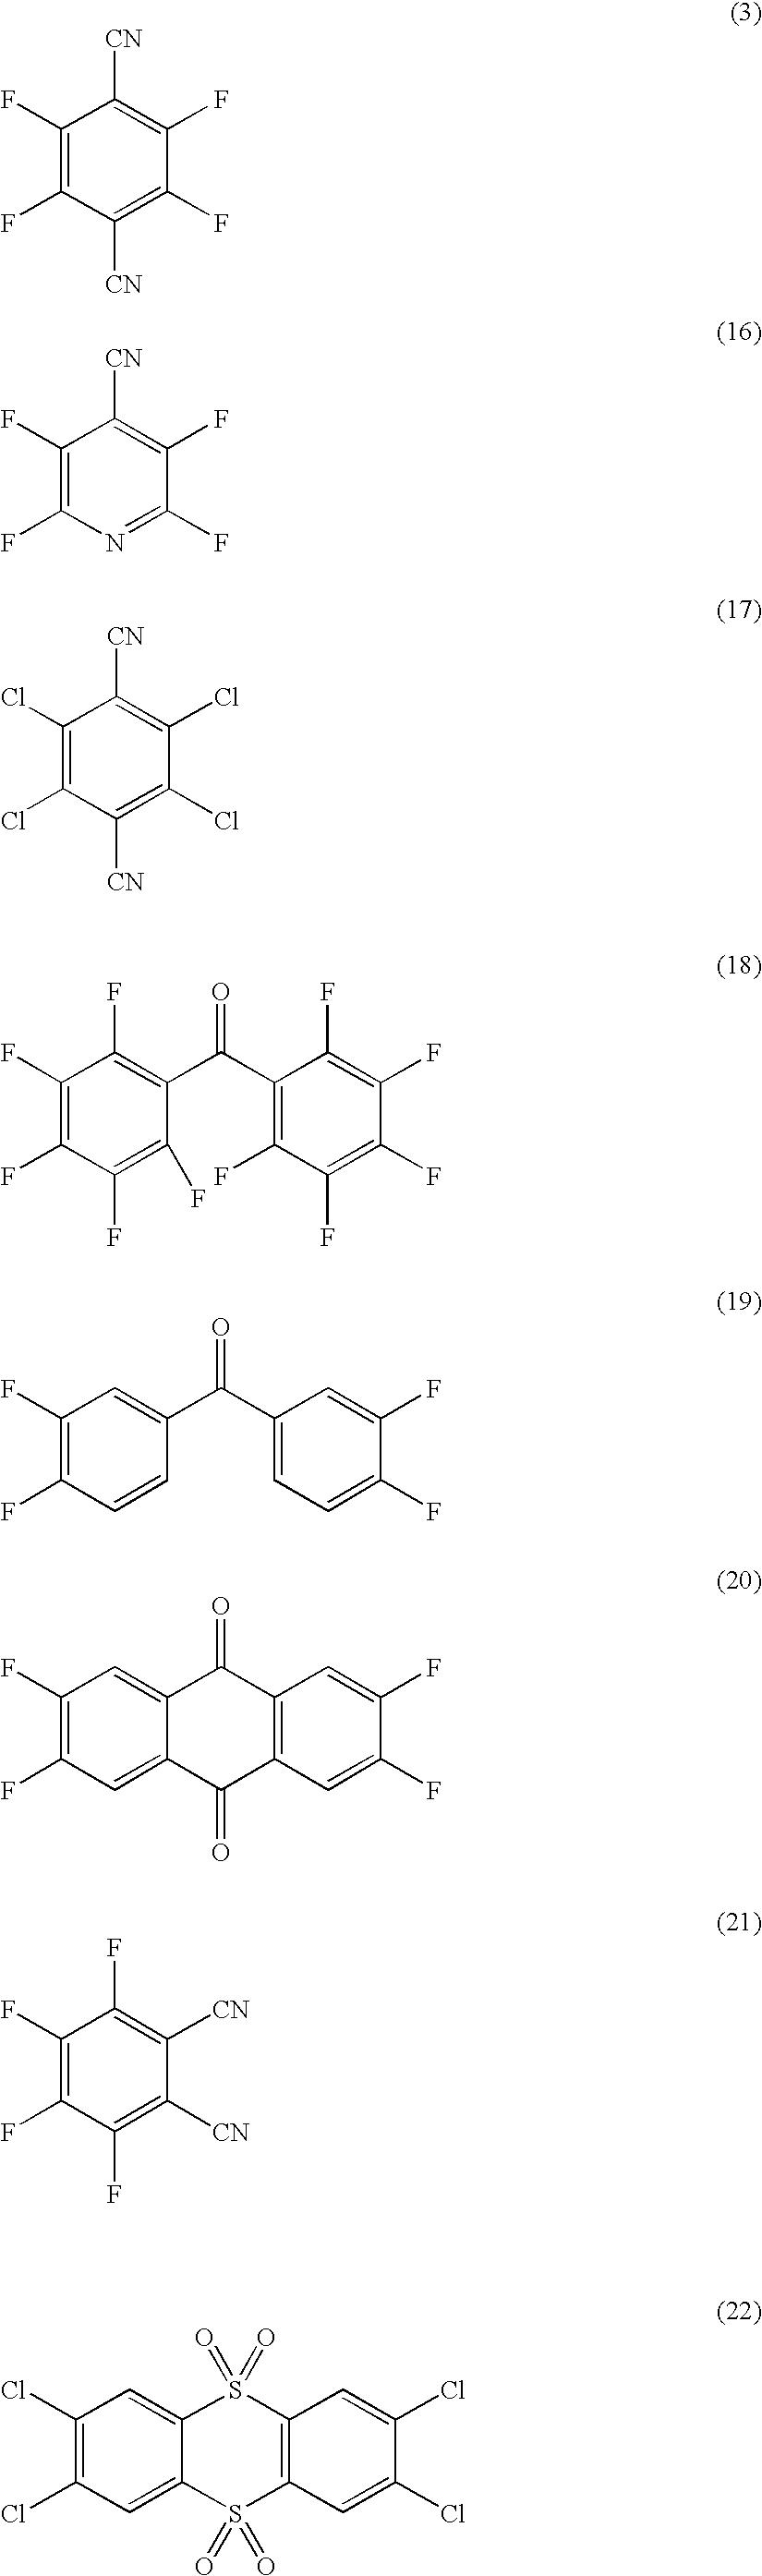 Figure US08056732-20111115-C00010